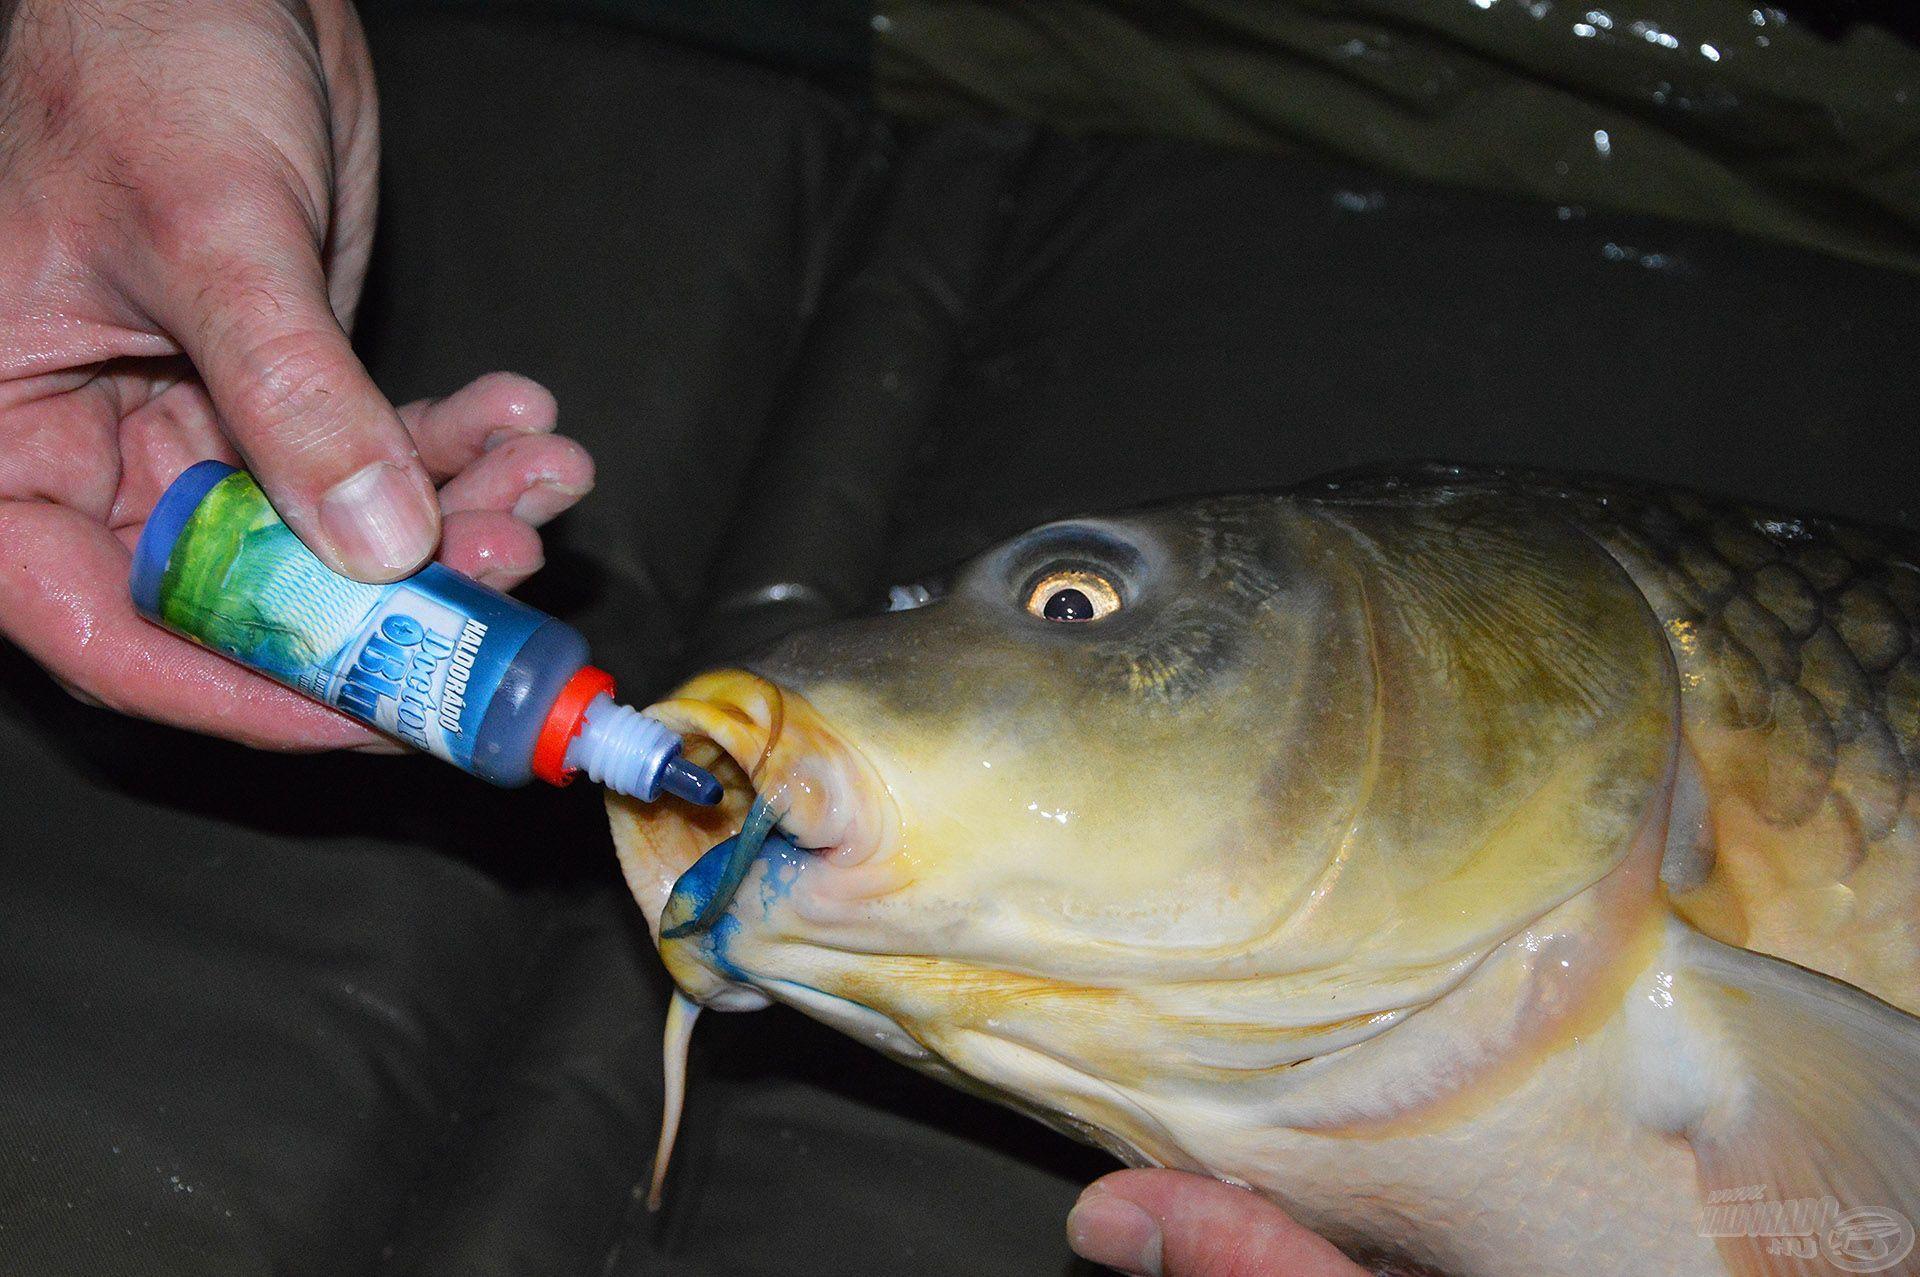 Számunkra csupán egy apró mozzanat, a halnak viszont annál fontosabb törődés!